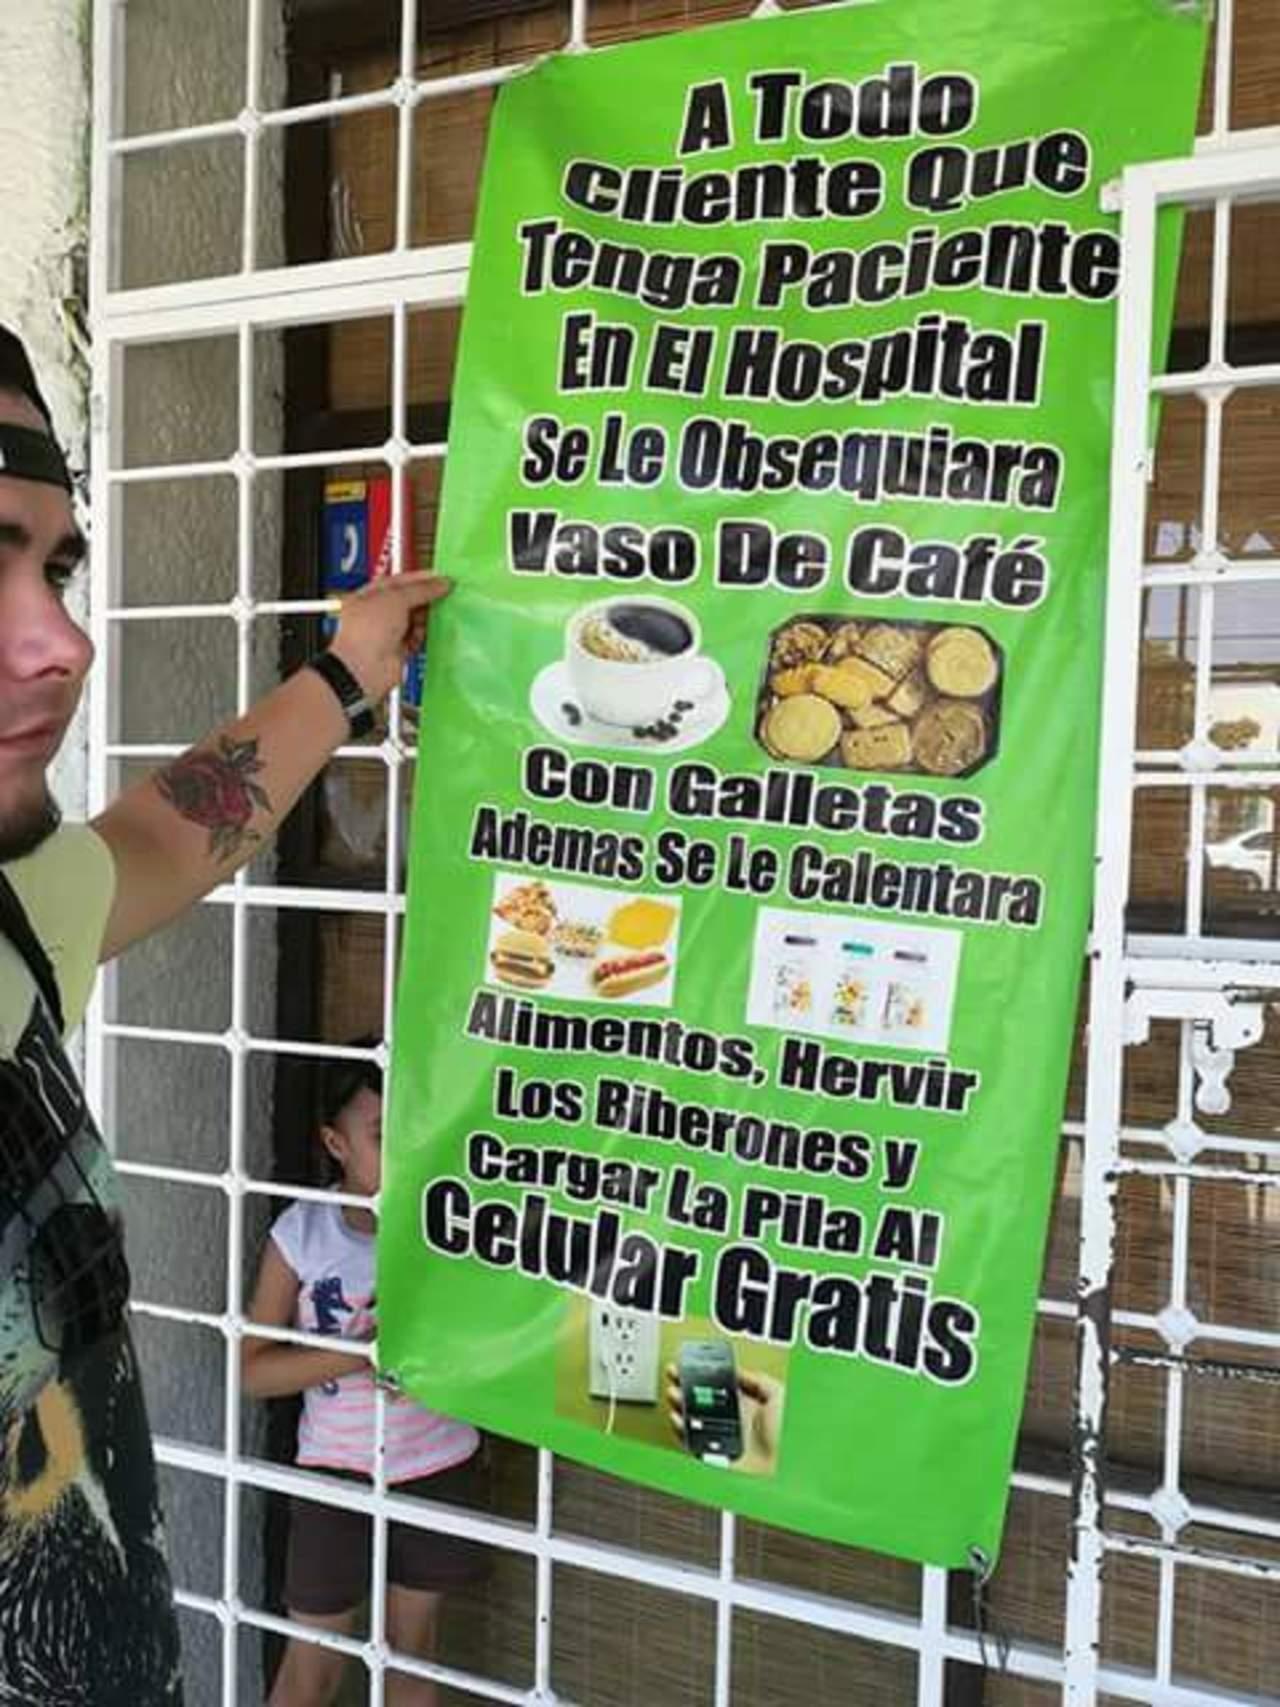 Cuelgan conmovedor mensaje en un comercio cerca de hospital en Francisco I Madero